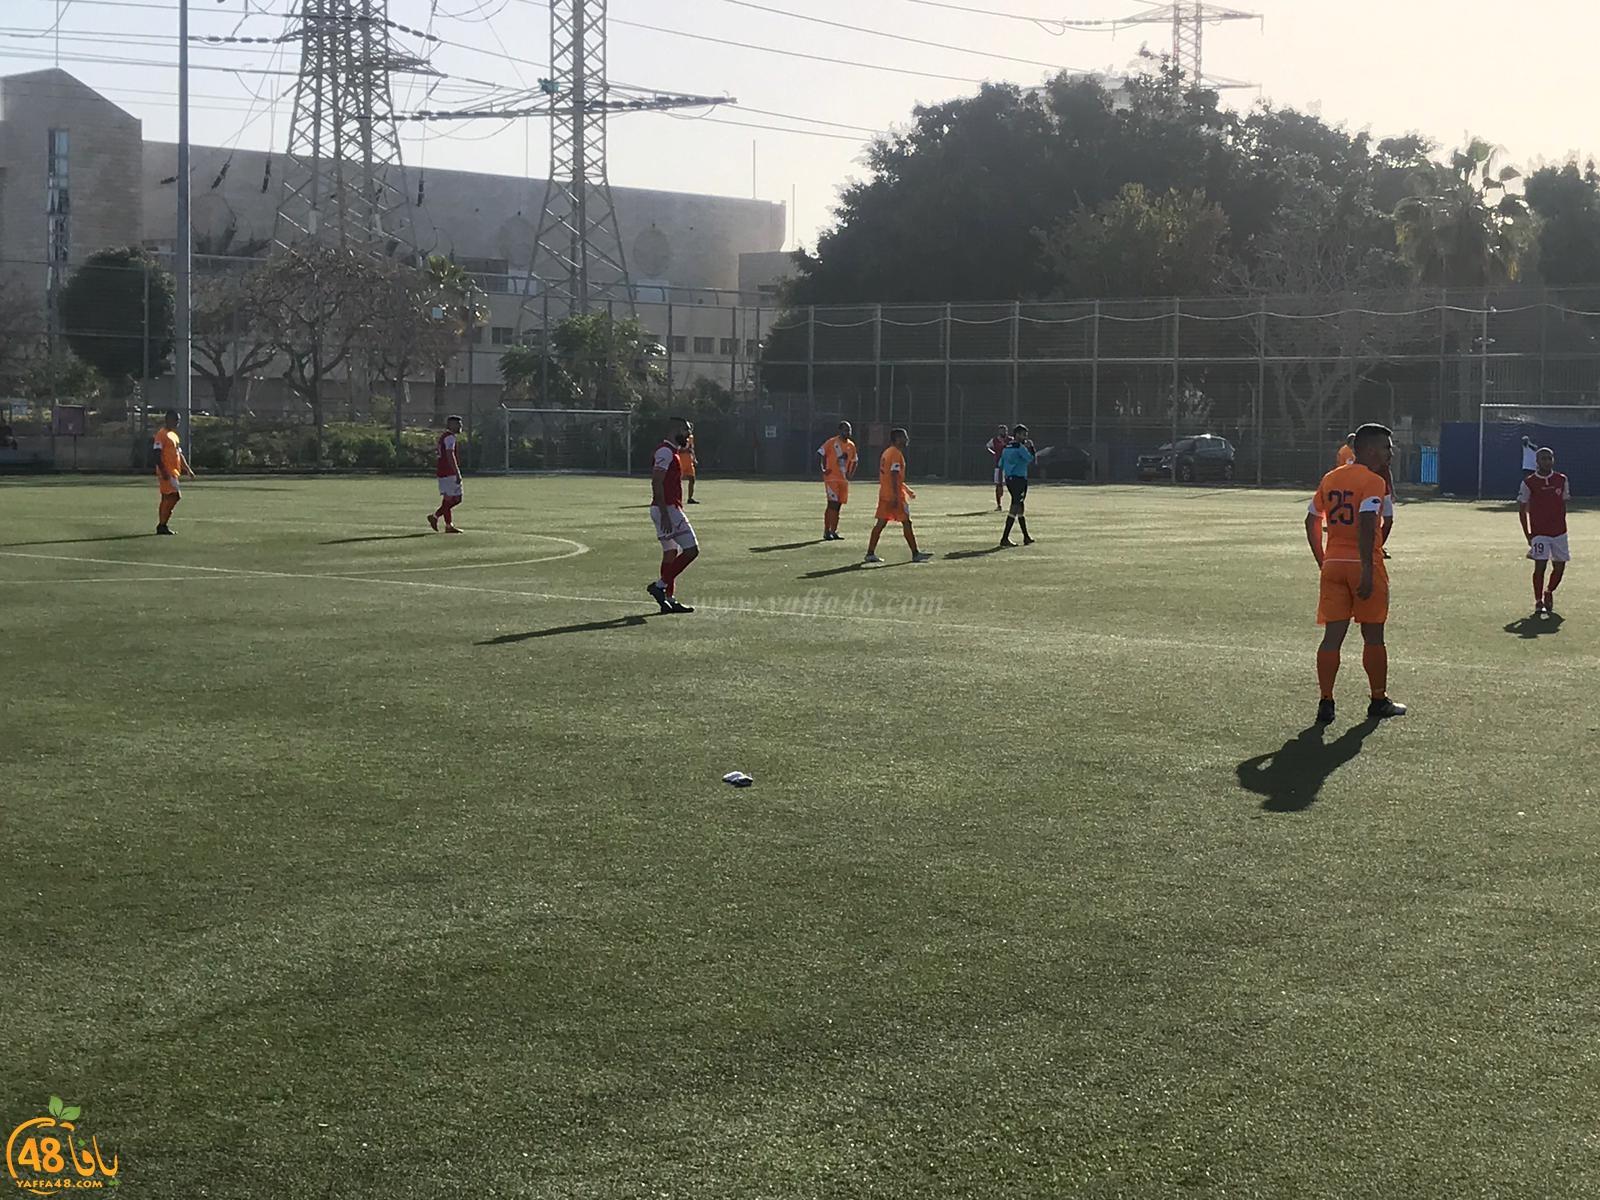 بالصور: فريق أبناء يافا يفوز على هوري حشبون بنتيجة 3-2